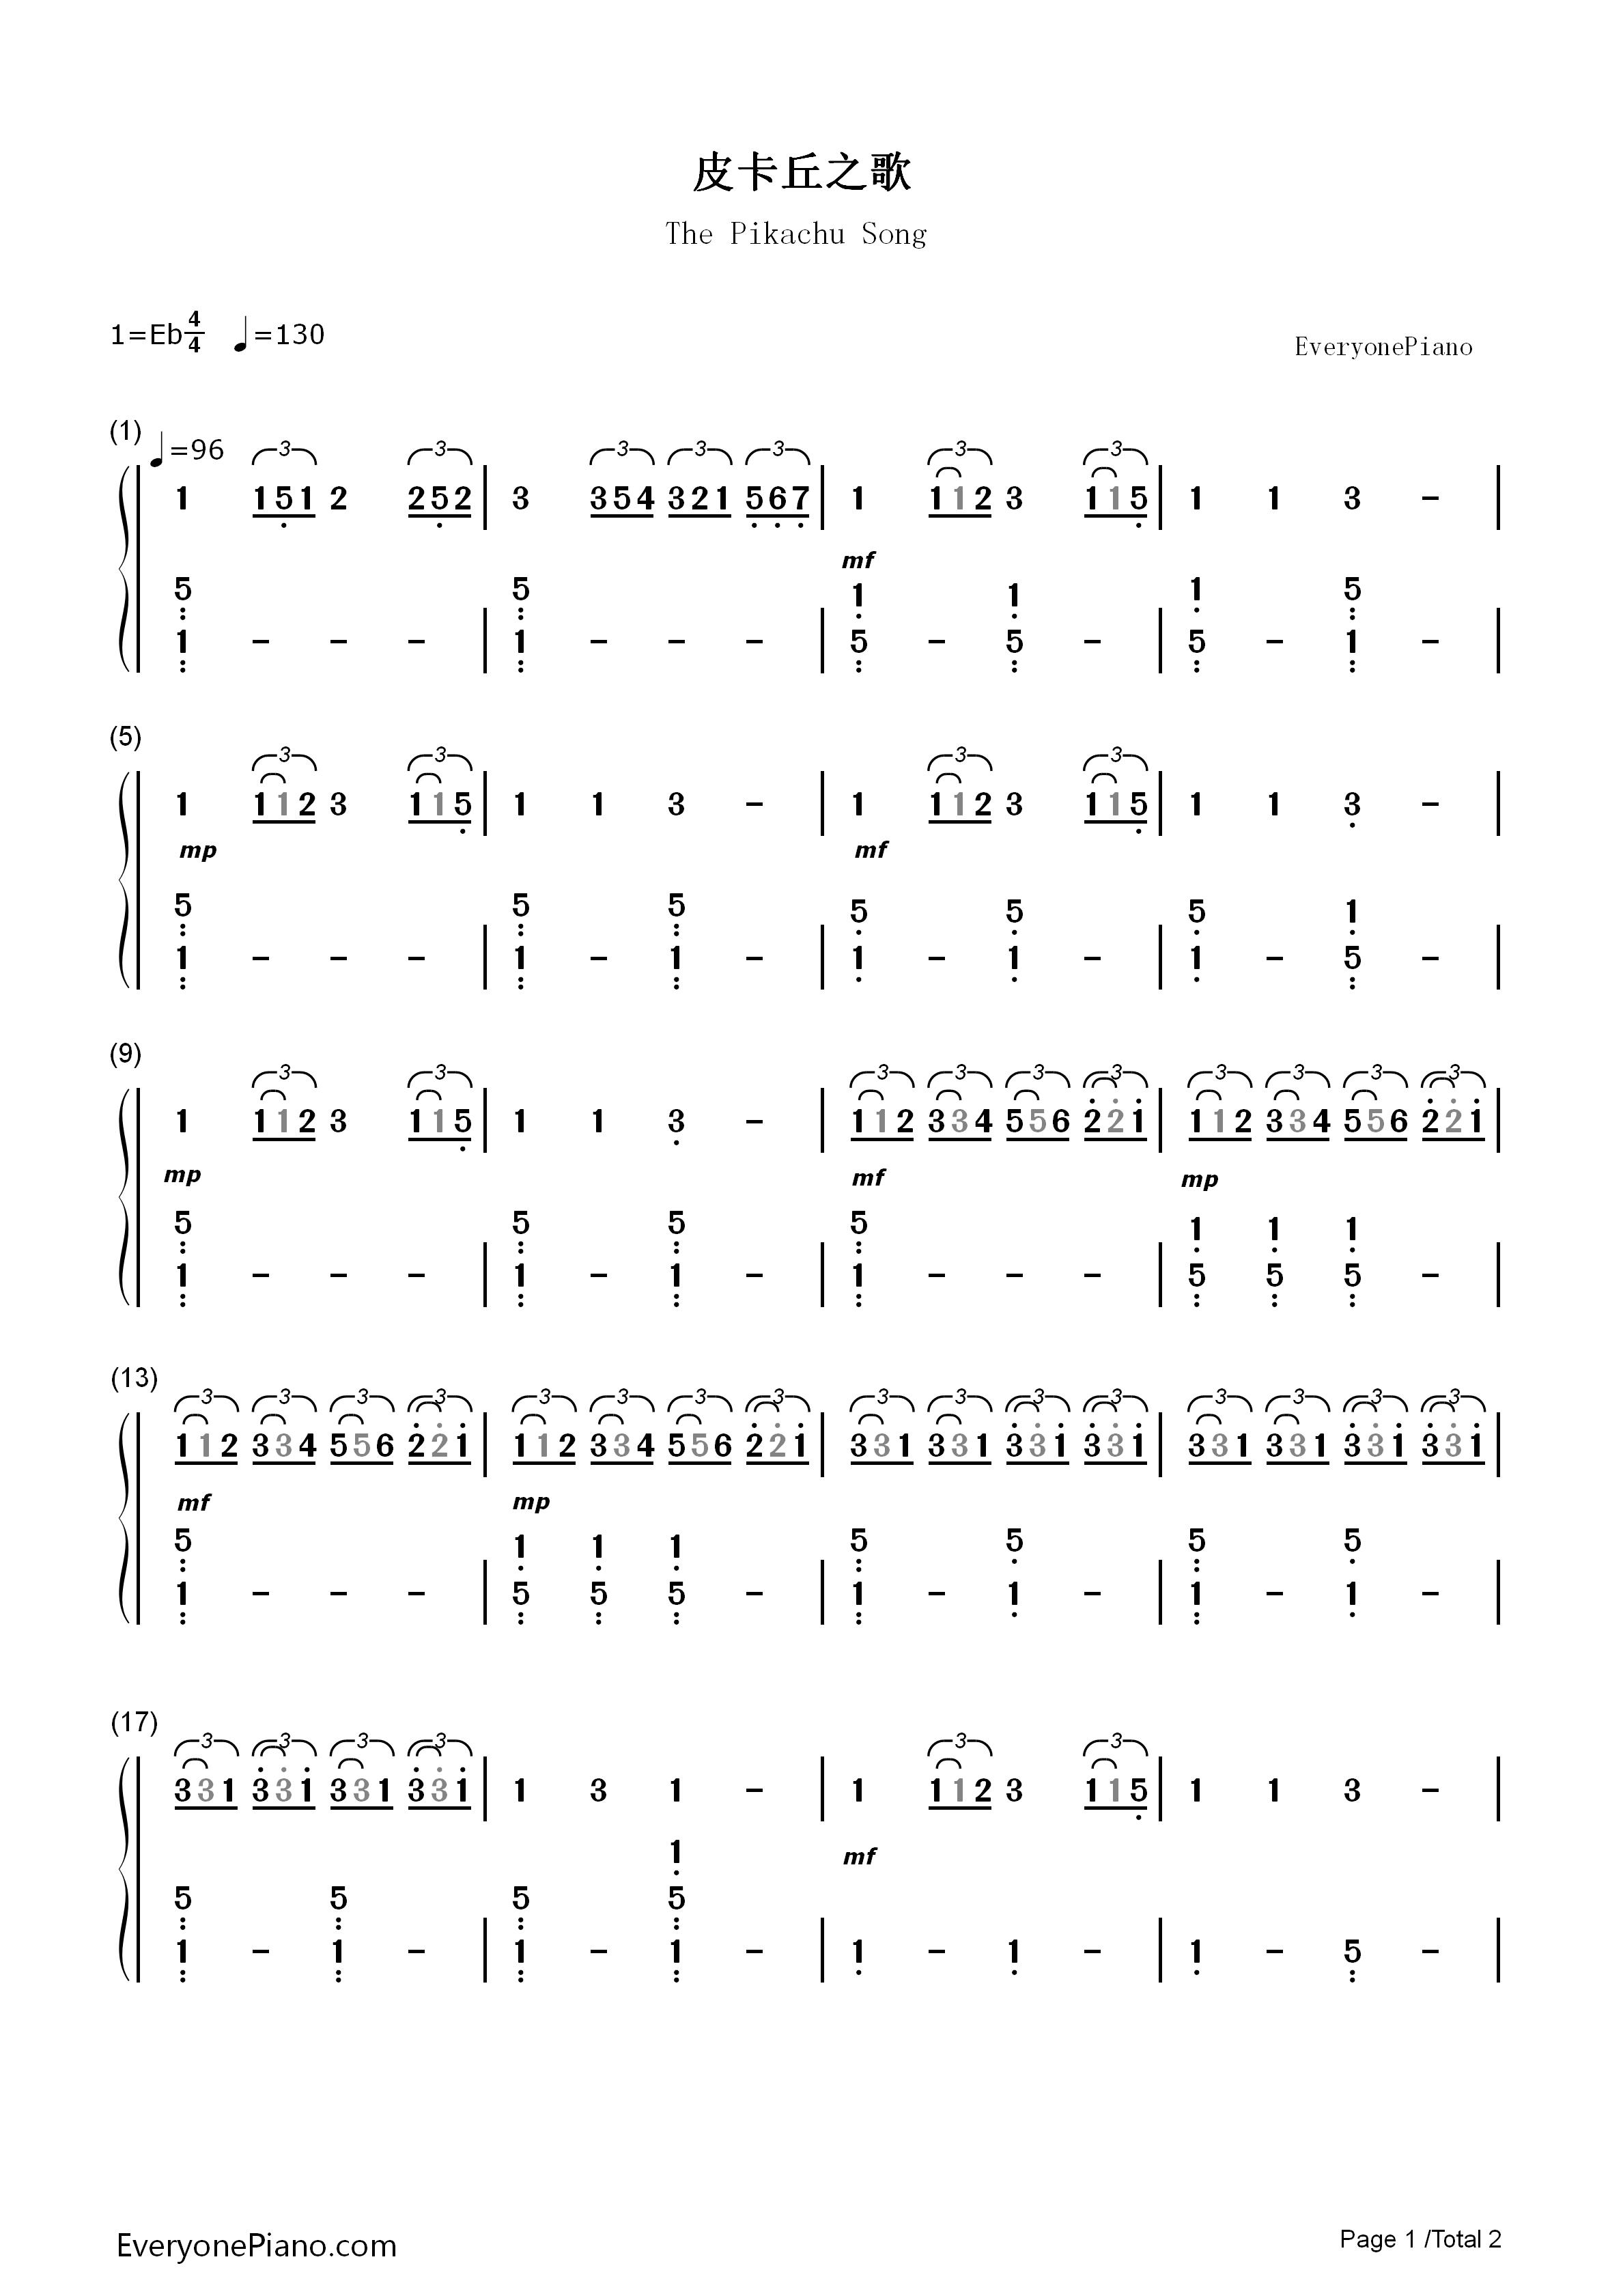 ピカチュウのうた-「テレビアニメ「ポケットモンスター xy & z